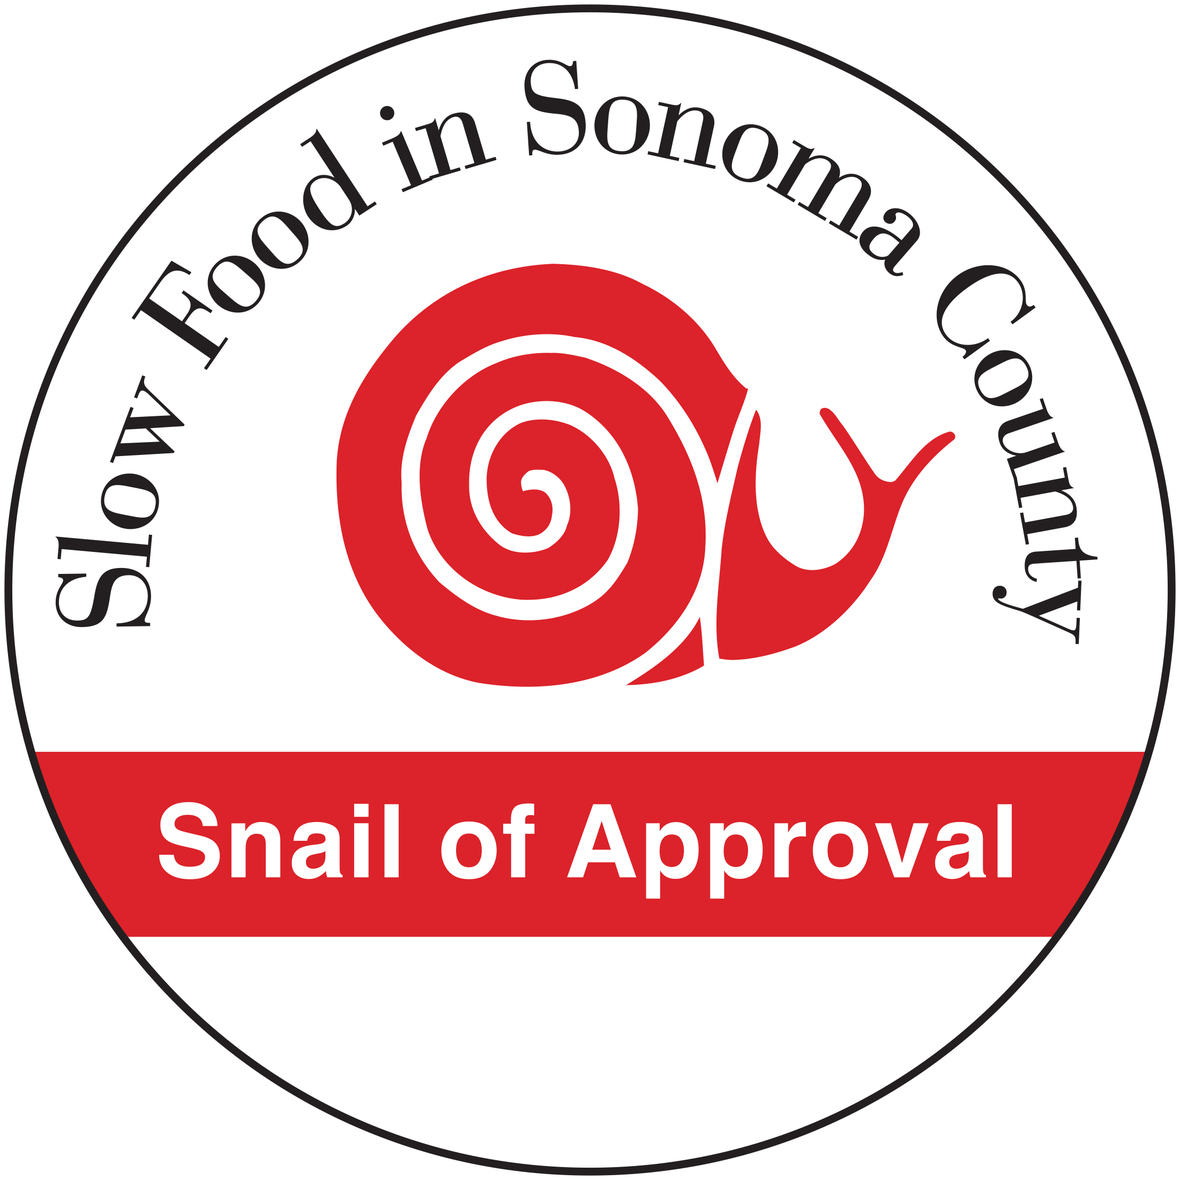 SoA-Logo Large